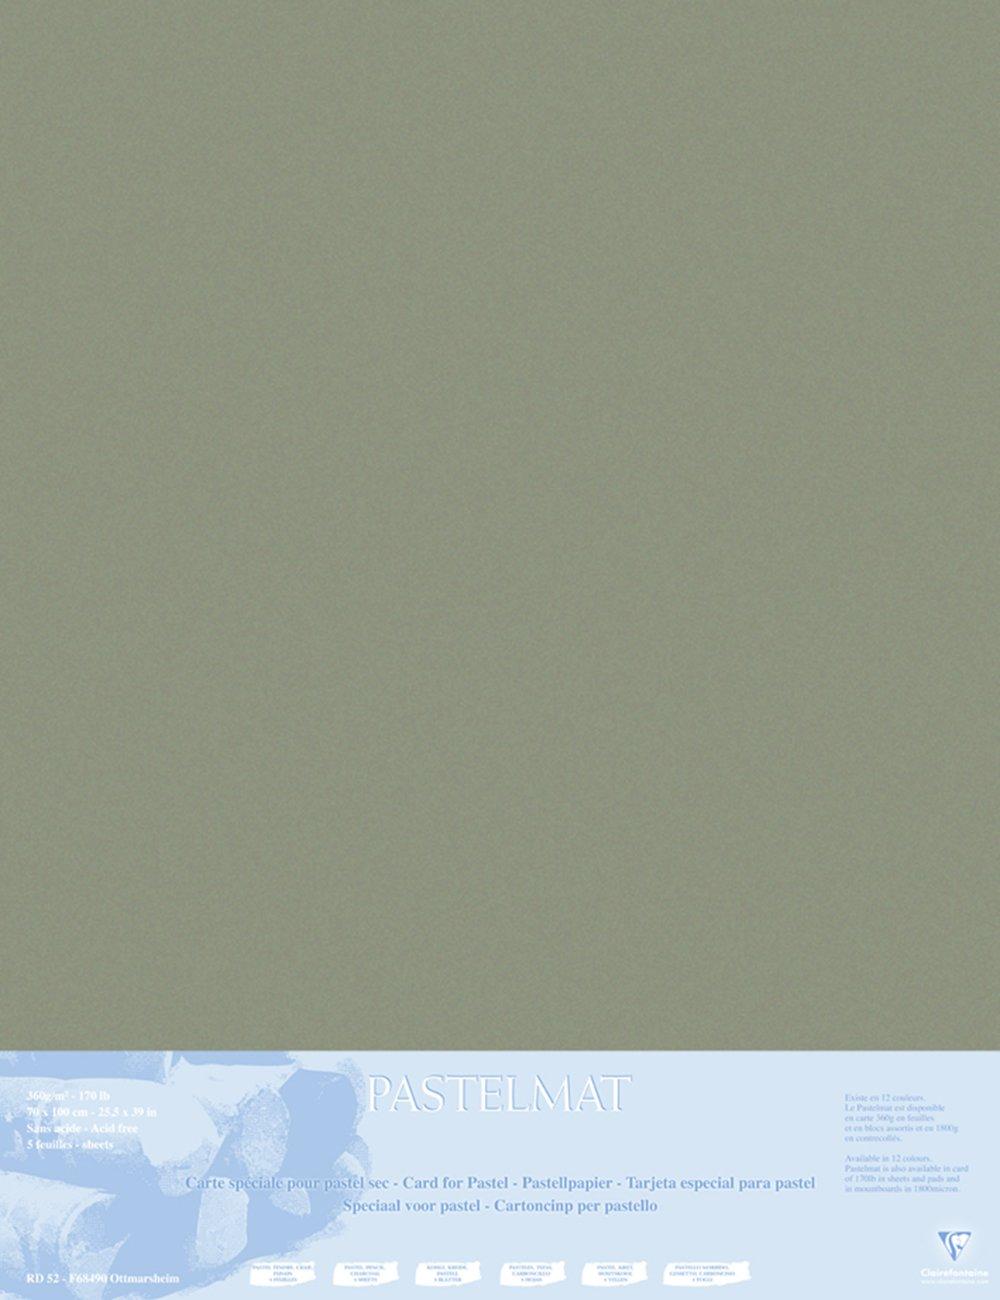 Clairefontaine 96011C Packung (mit 5 Zeichenbögen Pastelmat, Pastelmat, Pastelmat, 50 x 70 cm, 360 g, ideal für Trockentechniken und Pastell) braun B017NEI1JM | Authentische Garantie  4ba0fb